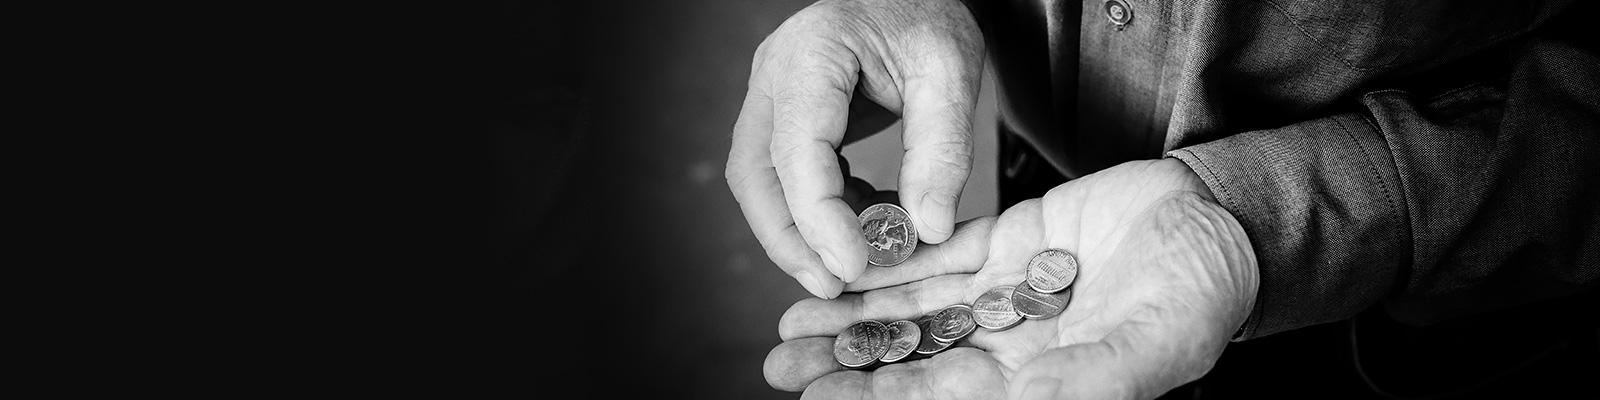 米国 コイン 貧困 イメージ